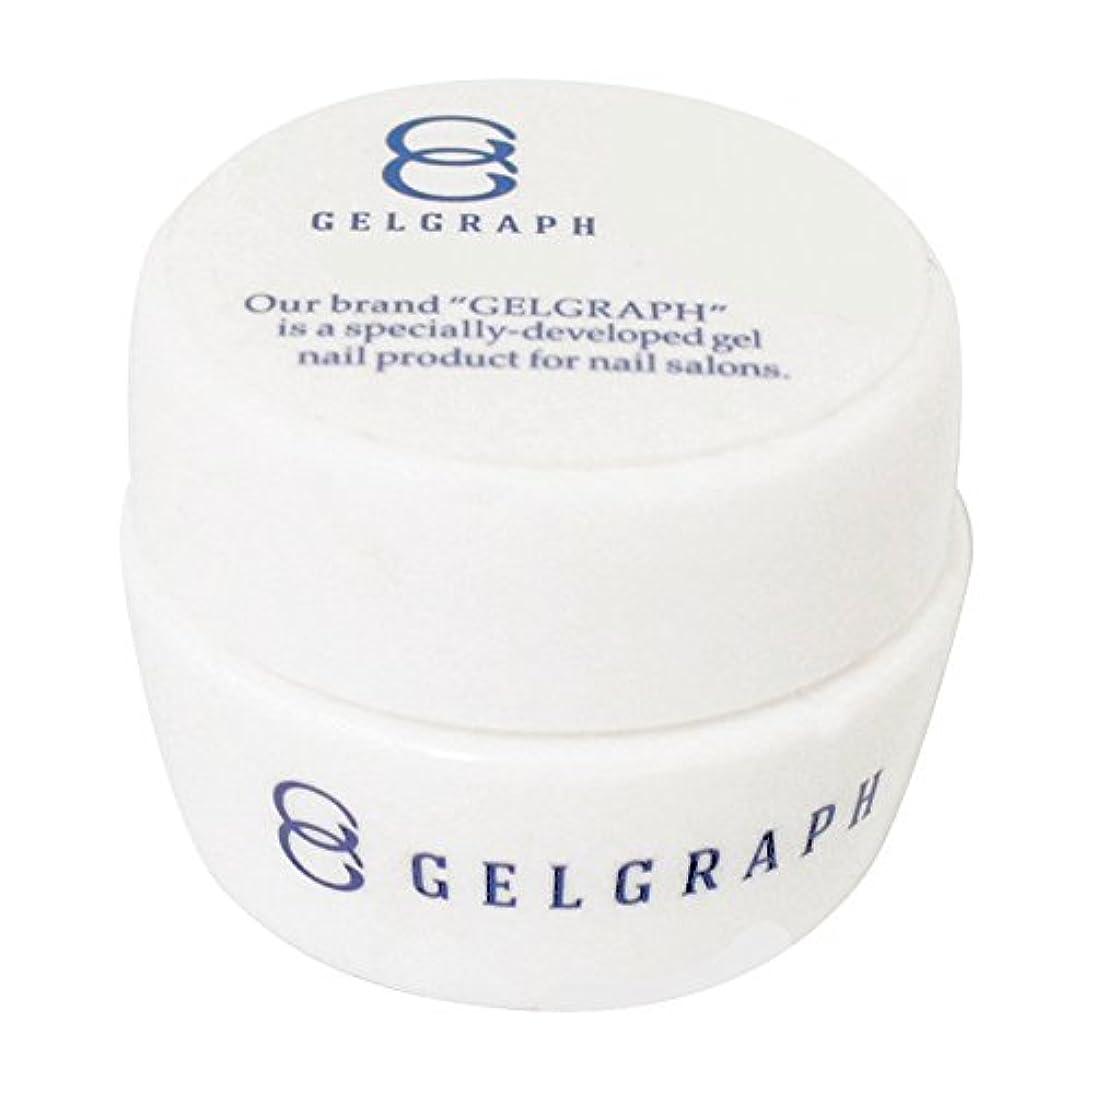 旋律的候補者彼GELGRAPH カラージェル 018GP ストロベリーキャンディー 5g UV/LED対応 ソークオフジェル